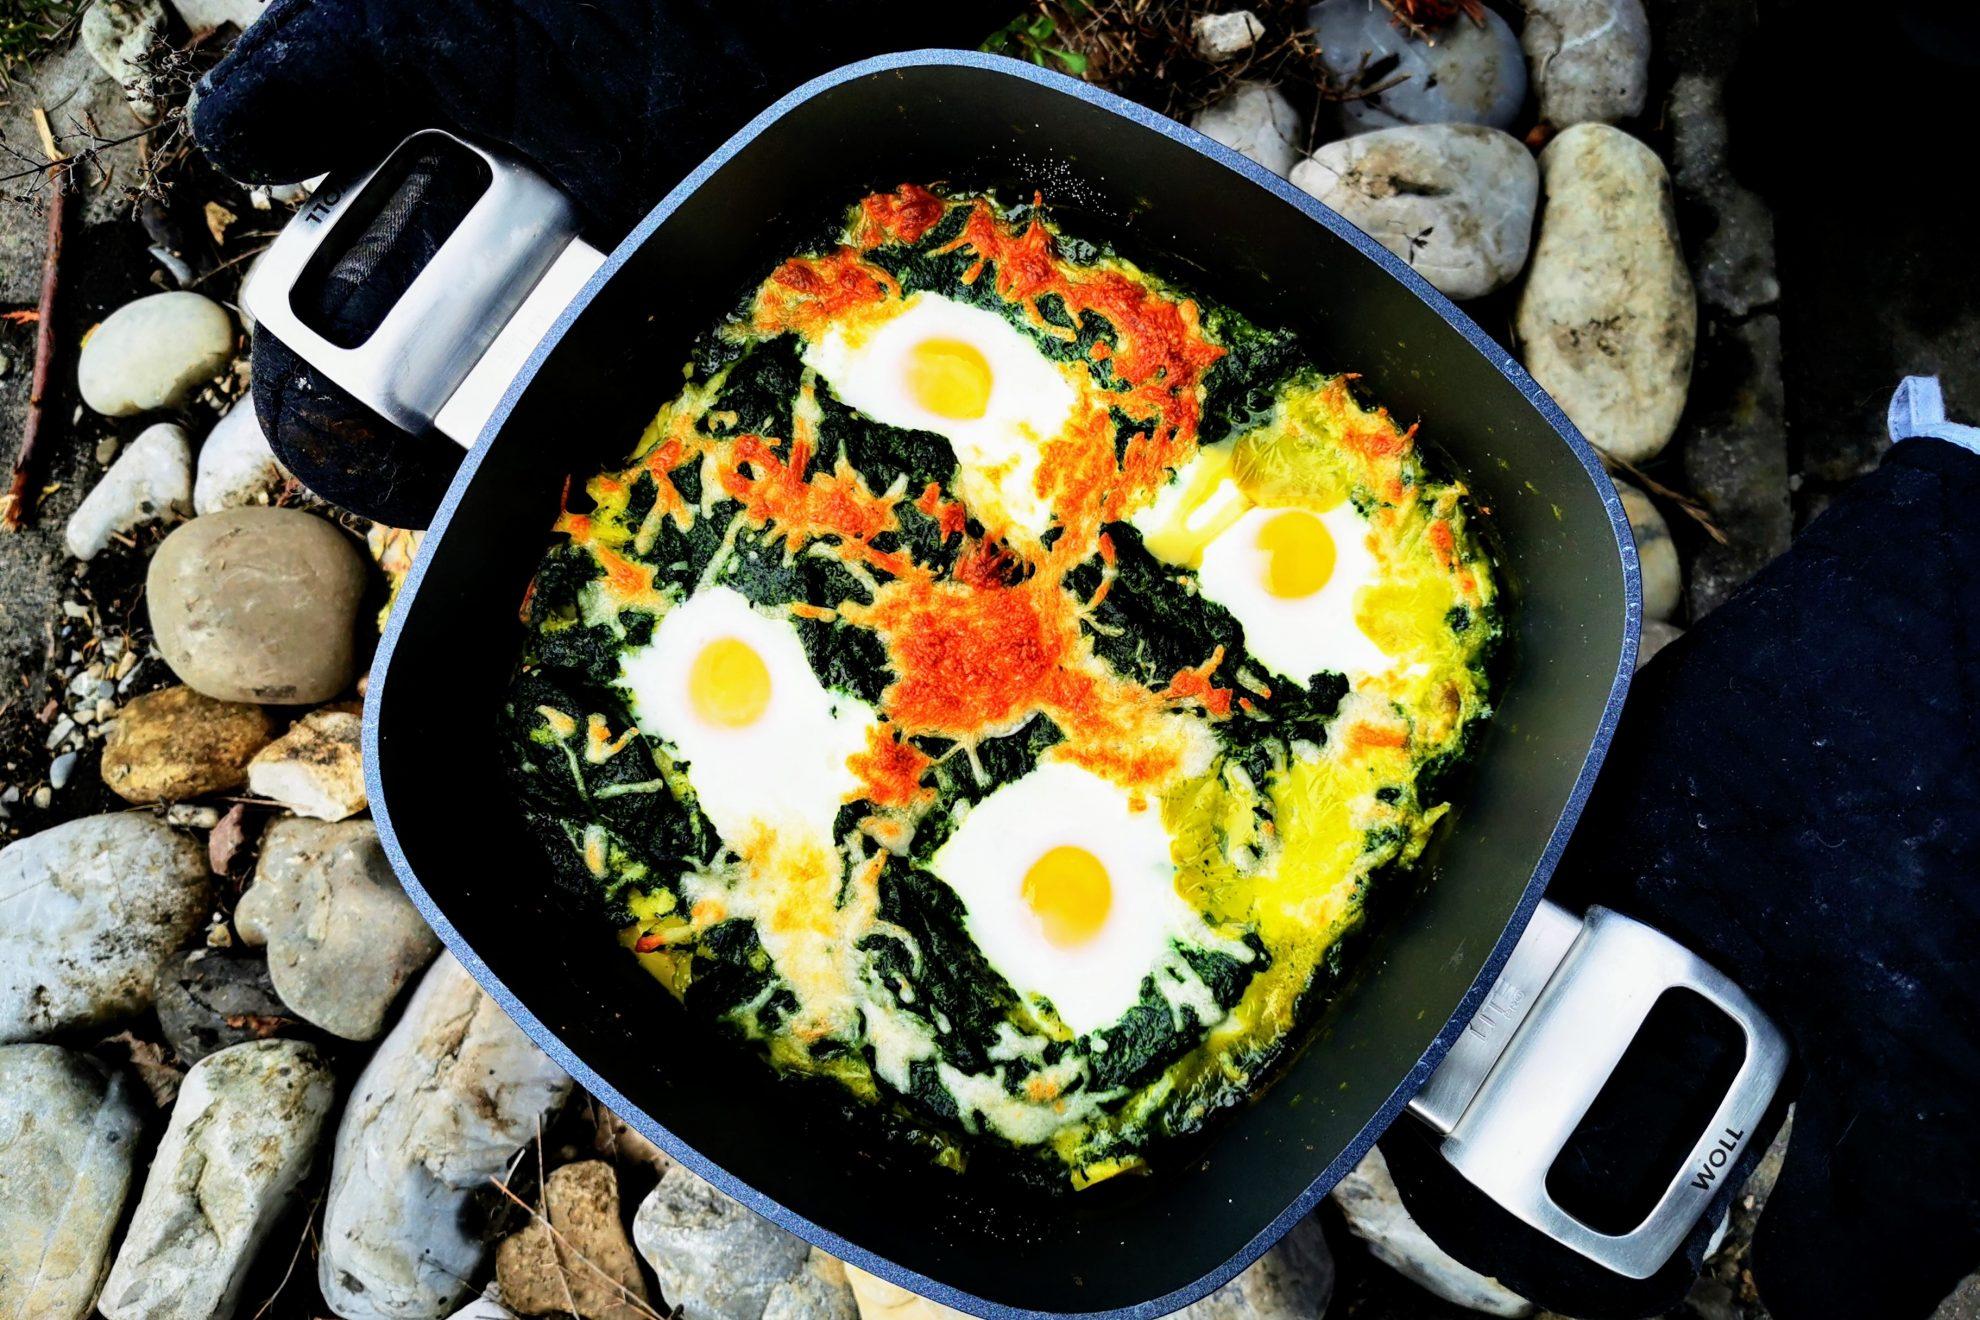 Kartoffeln Spinat und Ei neu interpretiert. Hier findest du ein Rezept für einen leckeren Auflauf aus diesen Komponenten. Schnell und einfach